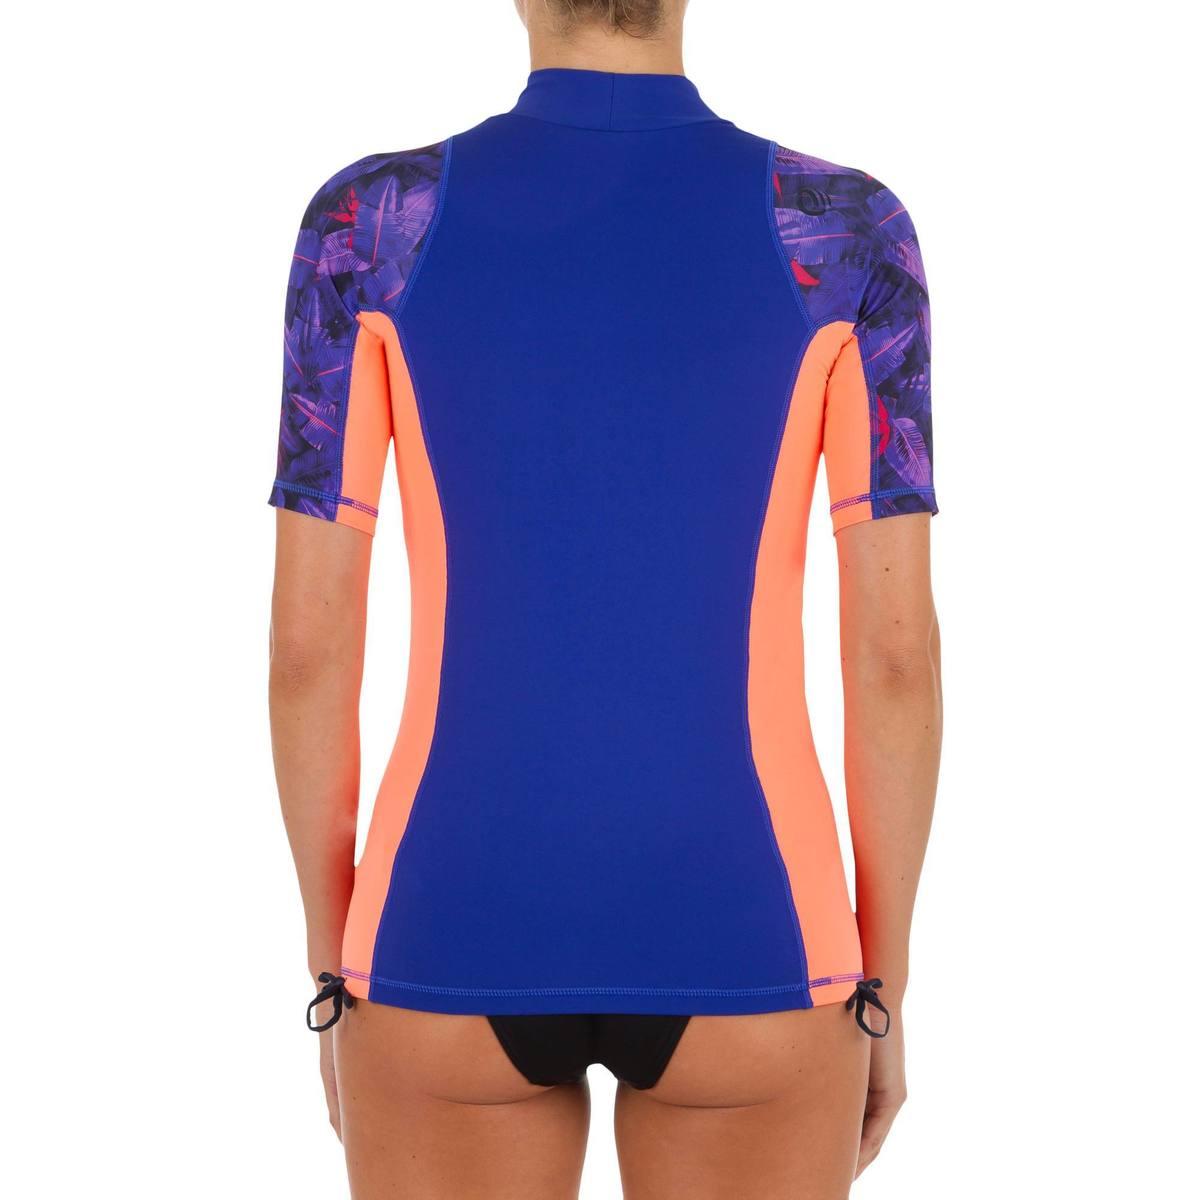 Bild 3 von UV-Shirt Surfen Top 500 kurzarm Damen violett/rosa bedruckt